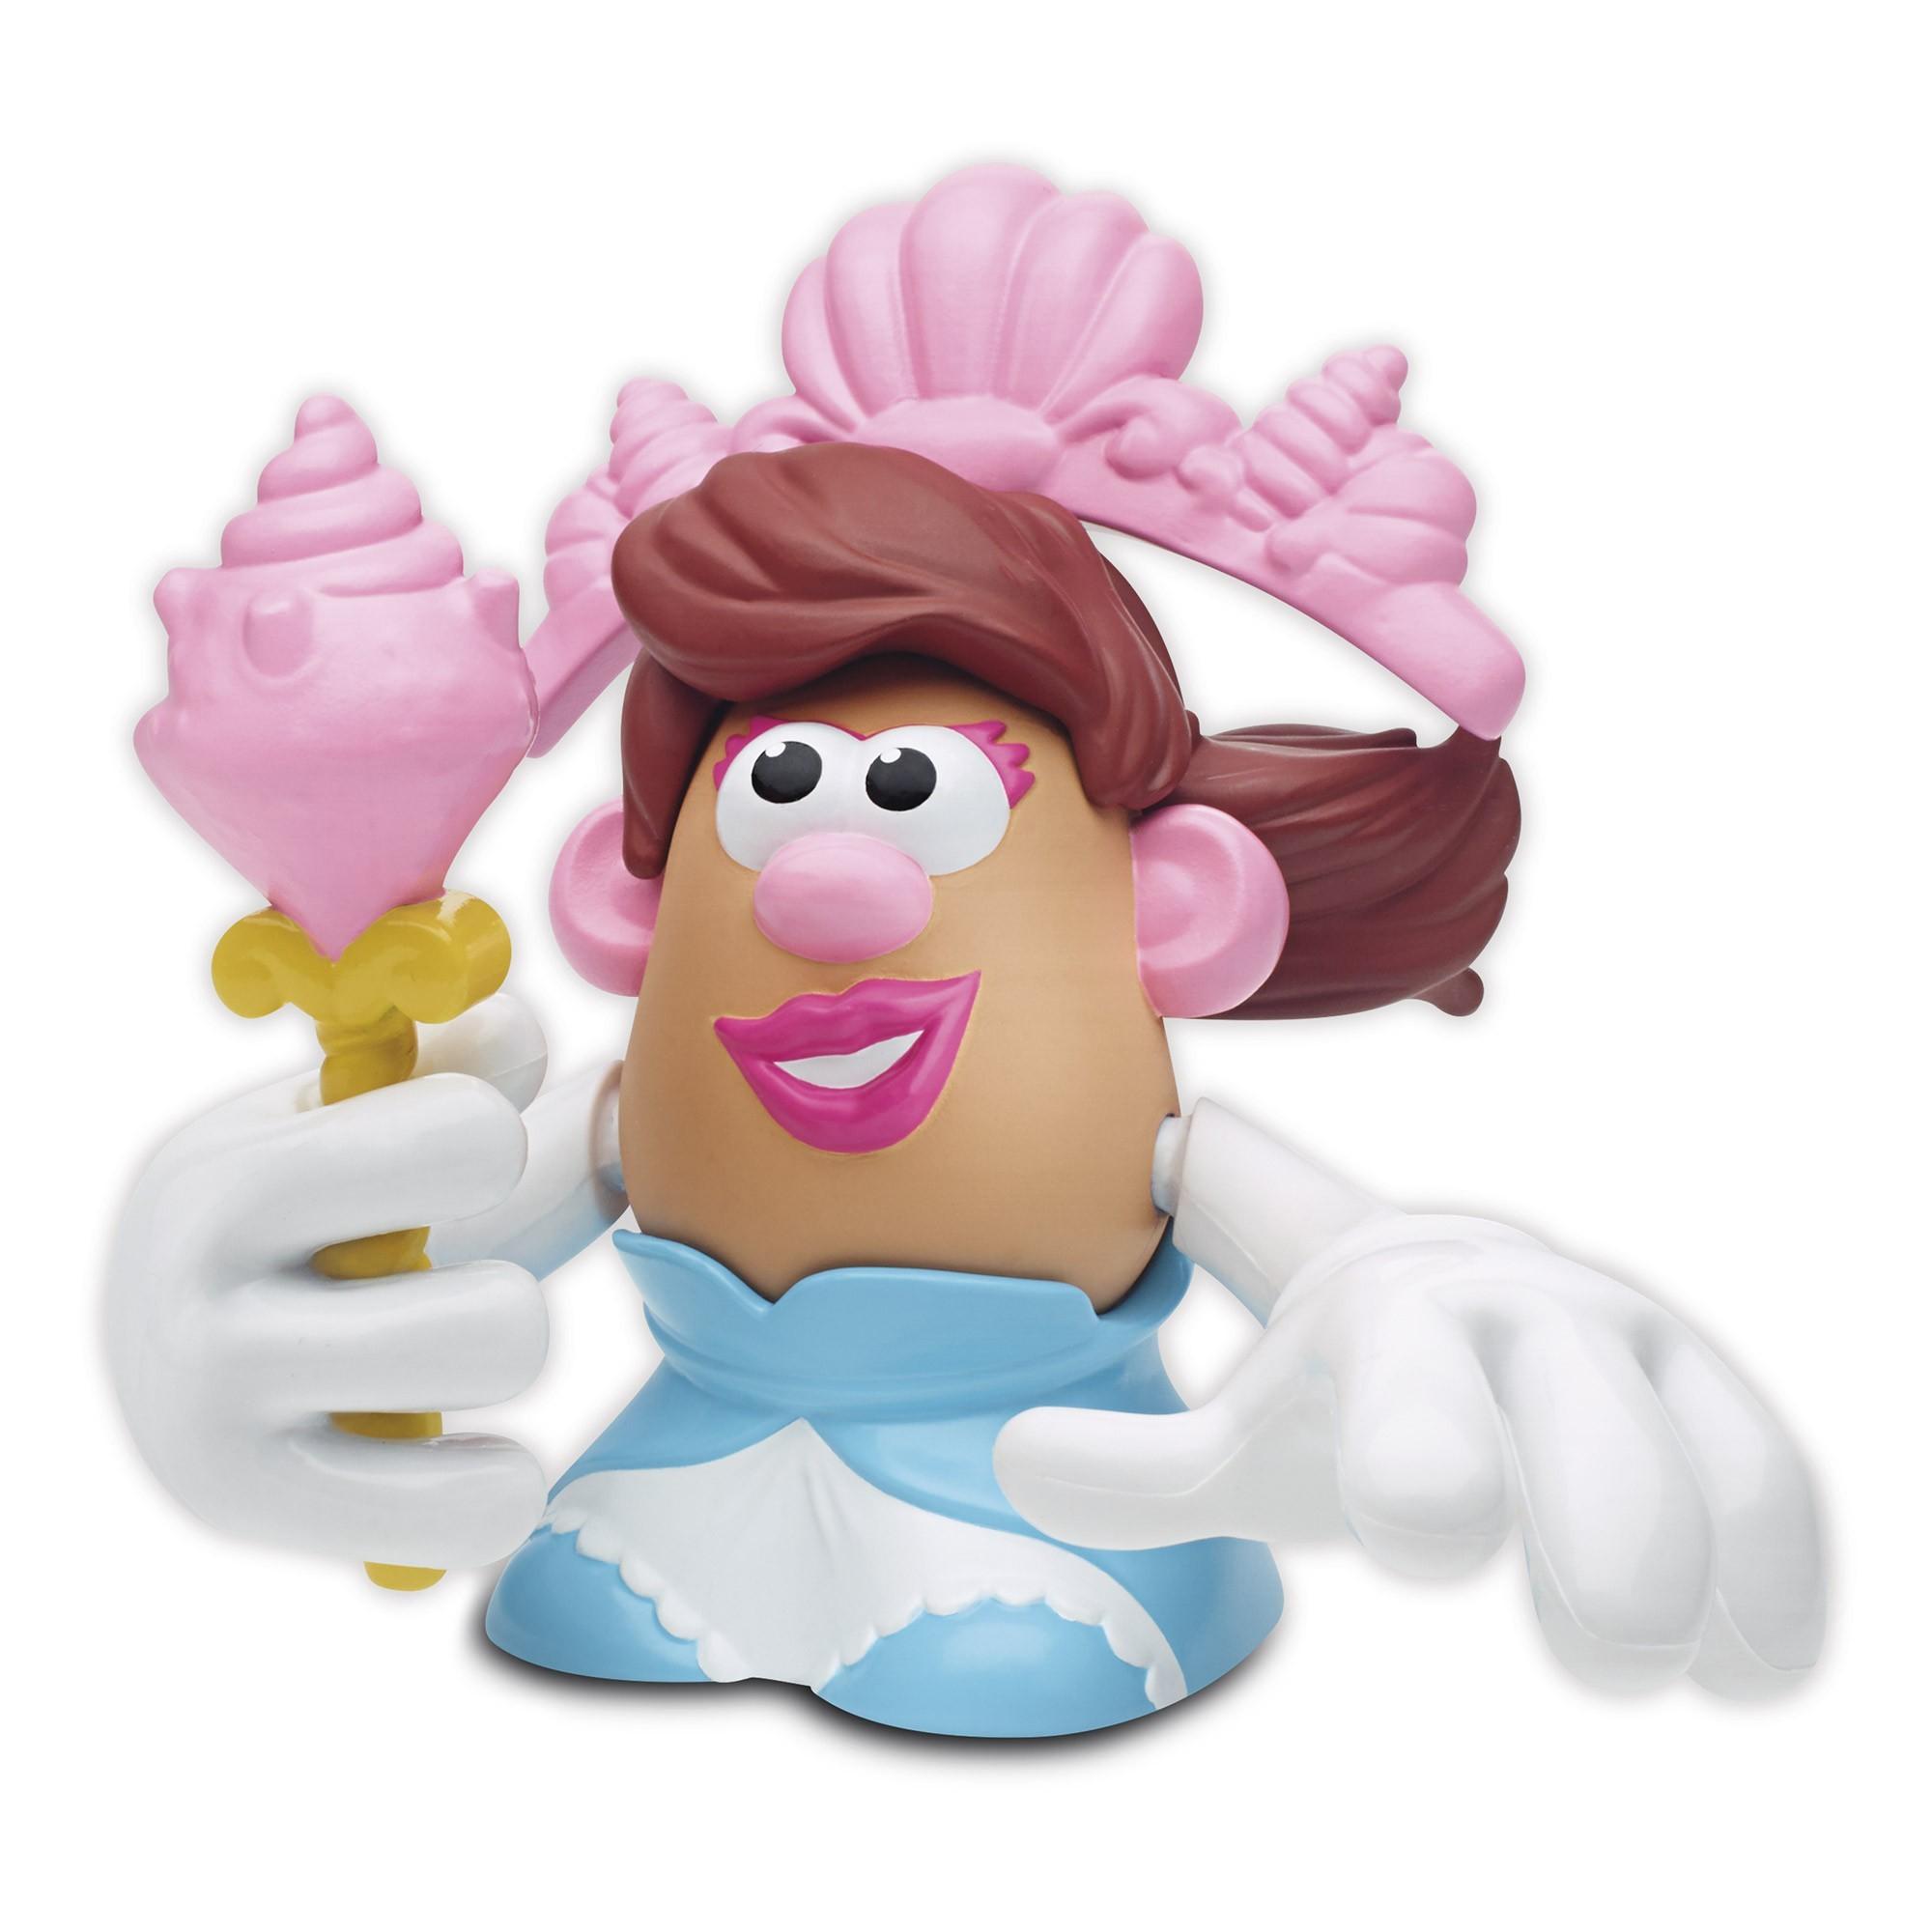 Toy Story - Boneco Sra Cabeça de Batata - Histórias Sereia